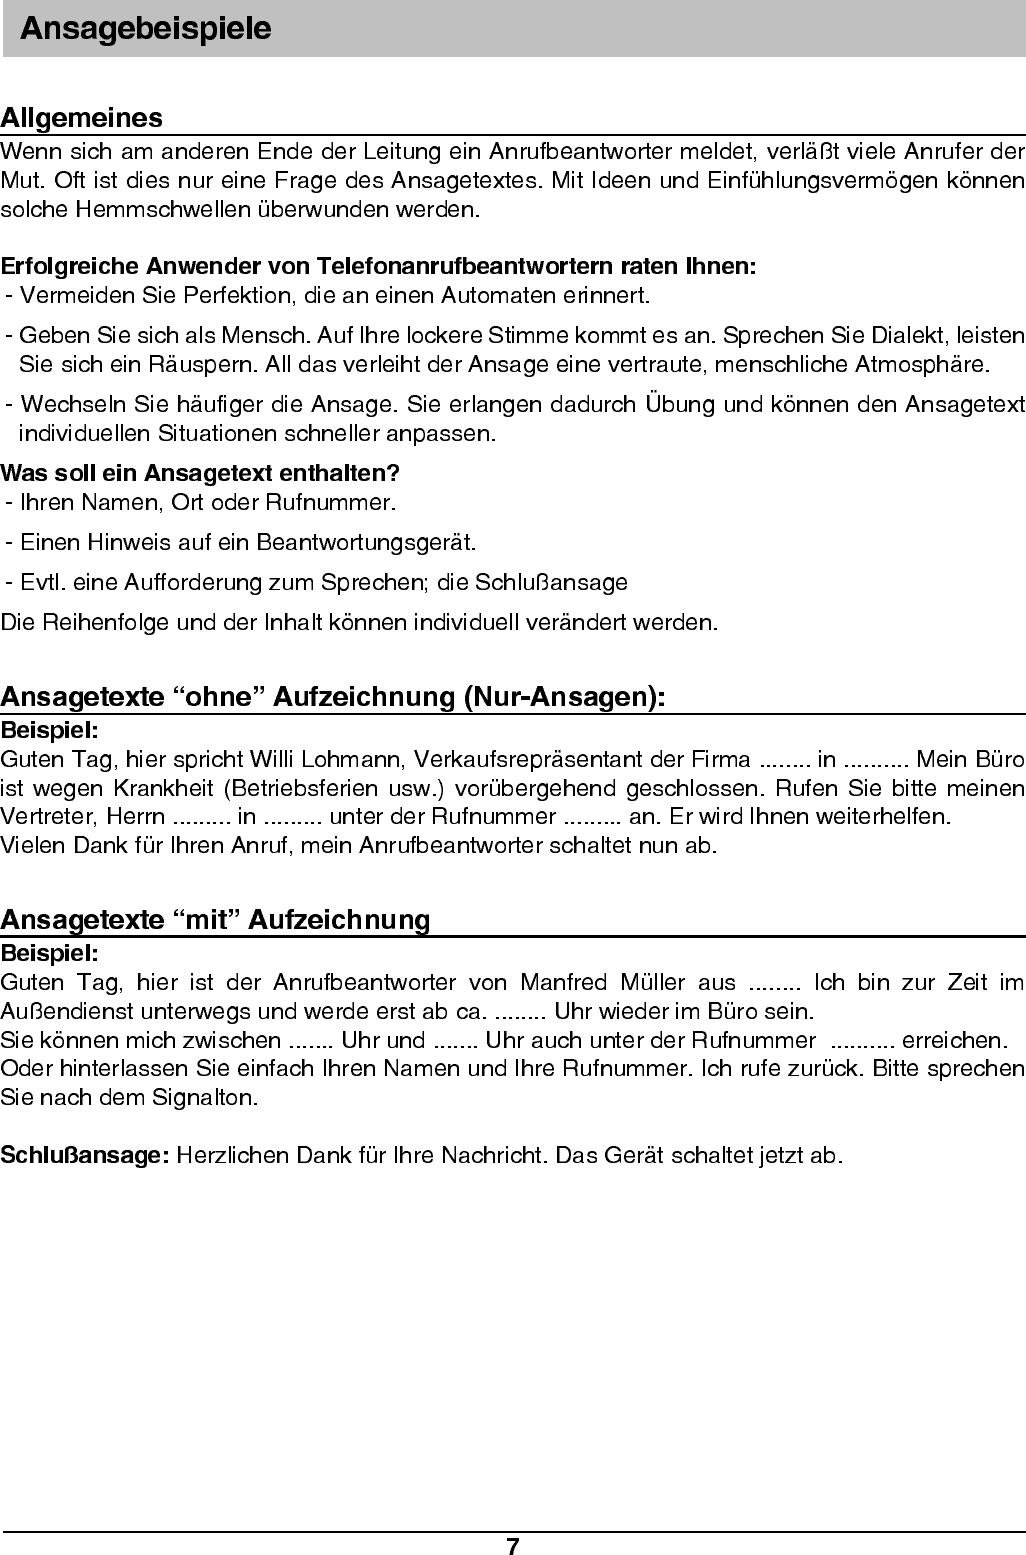 Bedienungsanleitung Tiptel 331 Seite 7 Von 40 Deutsch